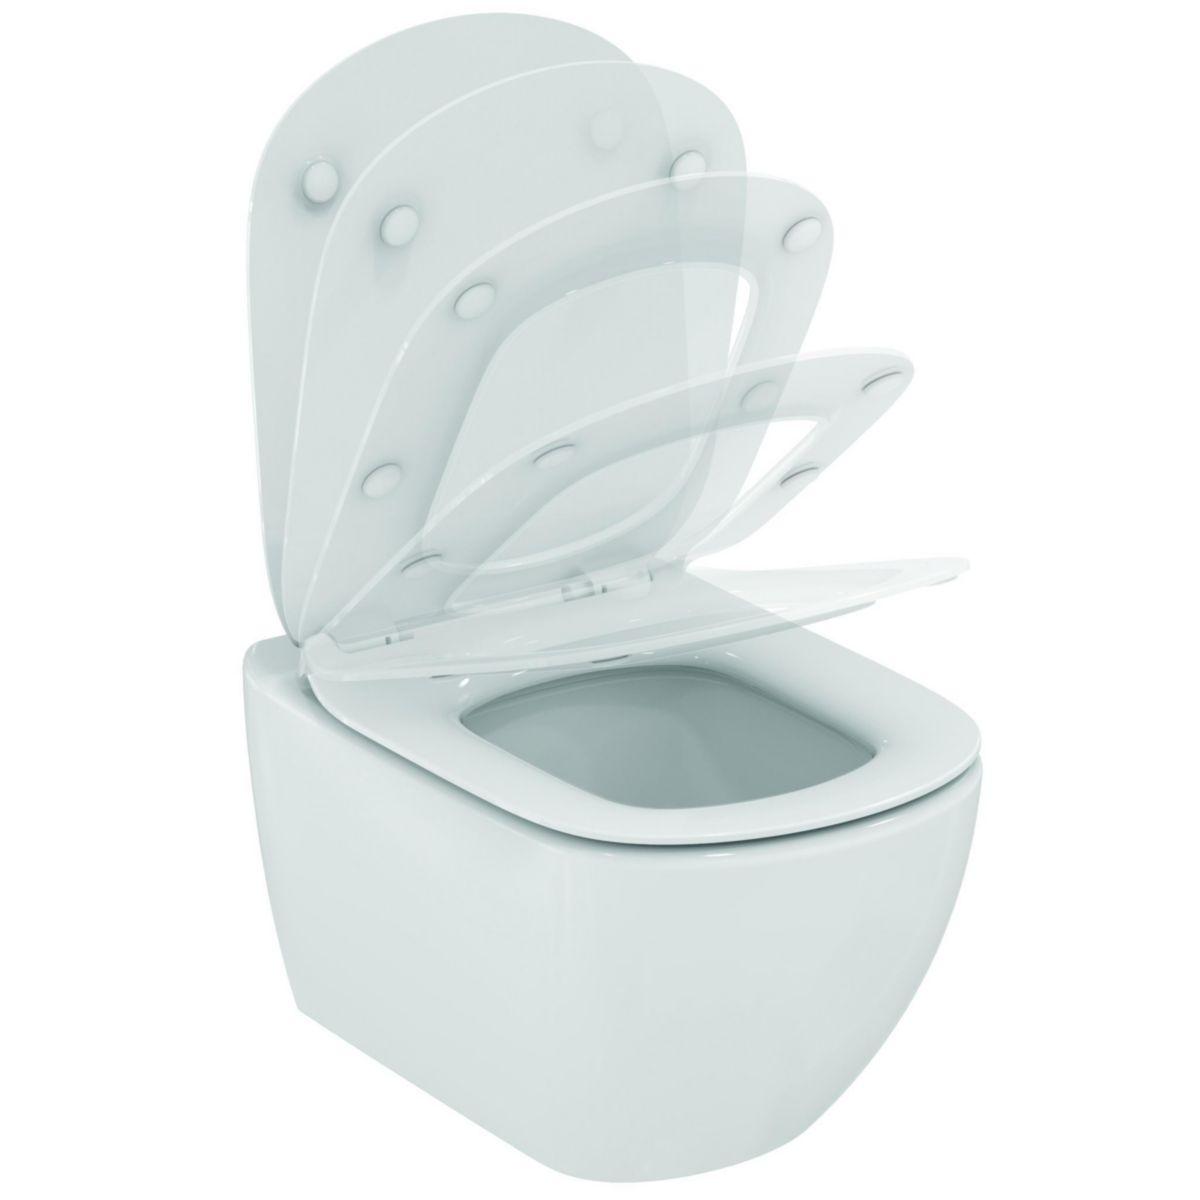 WC suspendu TESI caréné, technologie Aquablade ®, abattant ultrafin, frein de chute